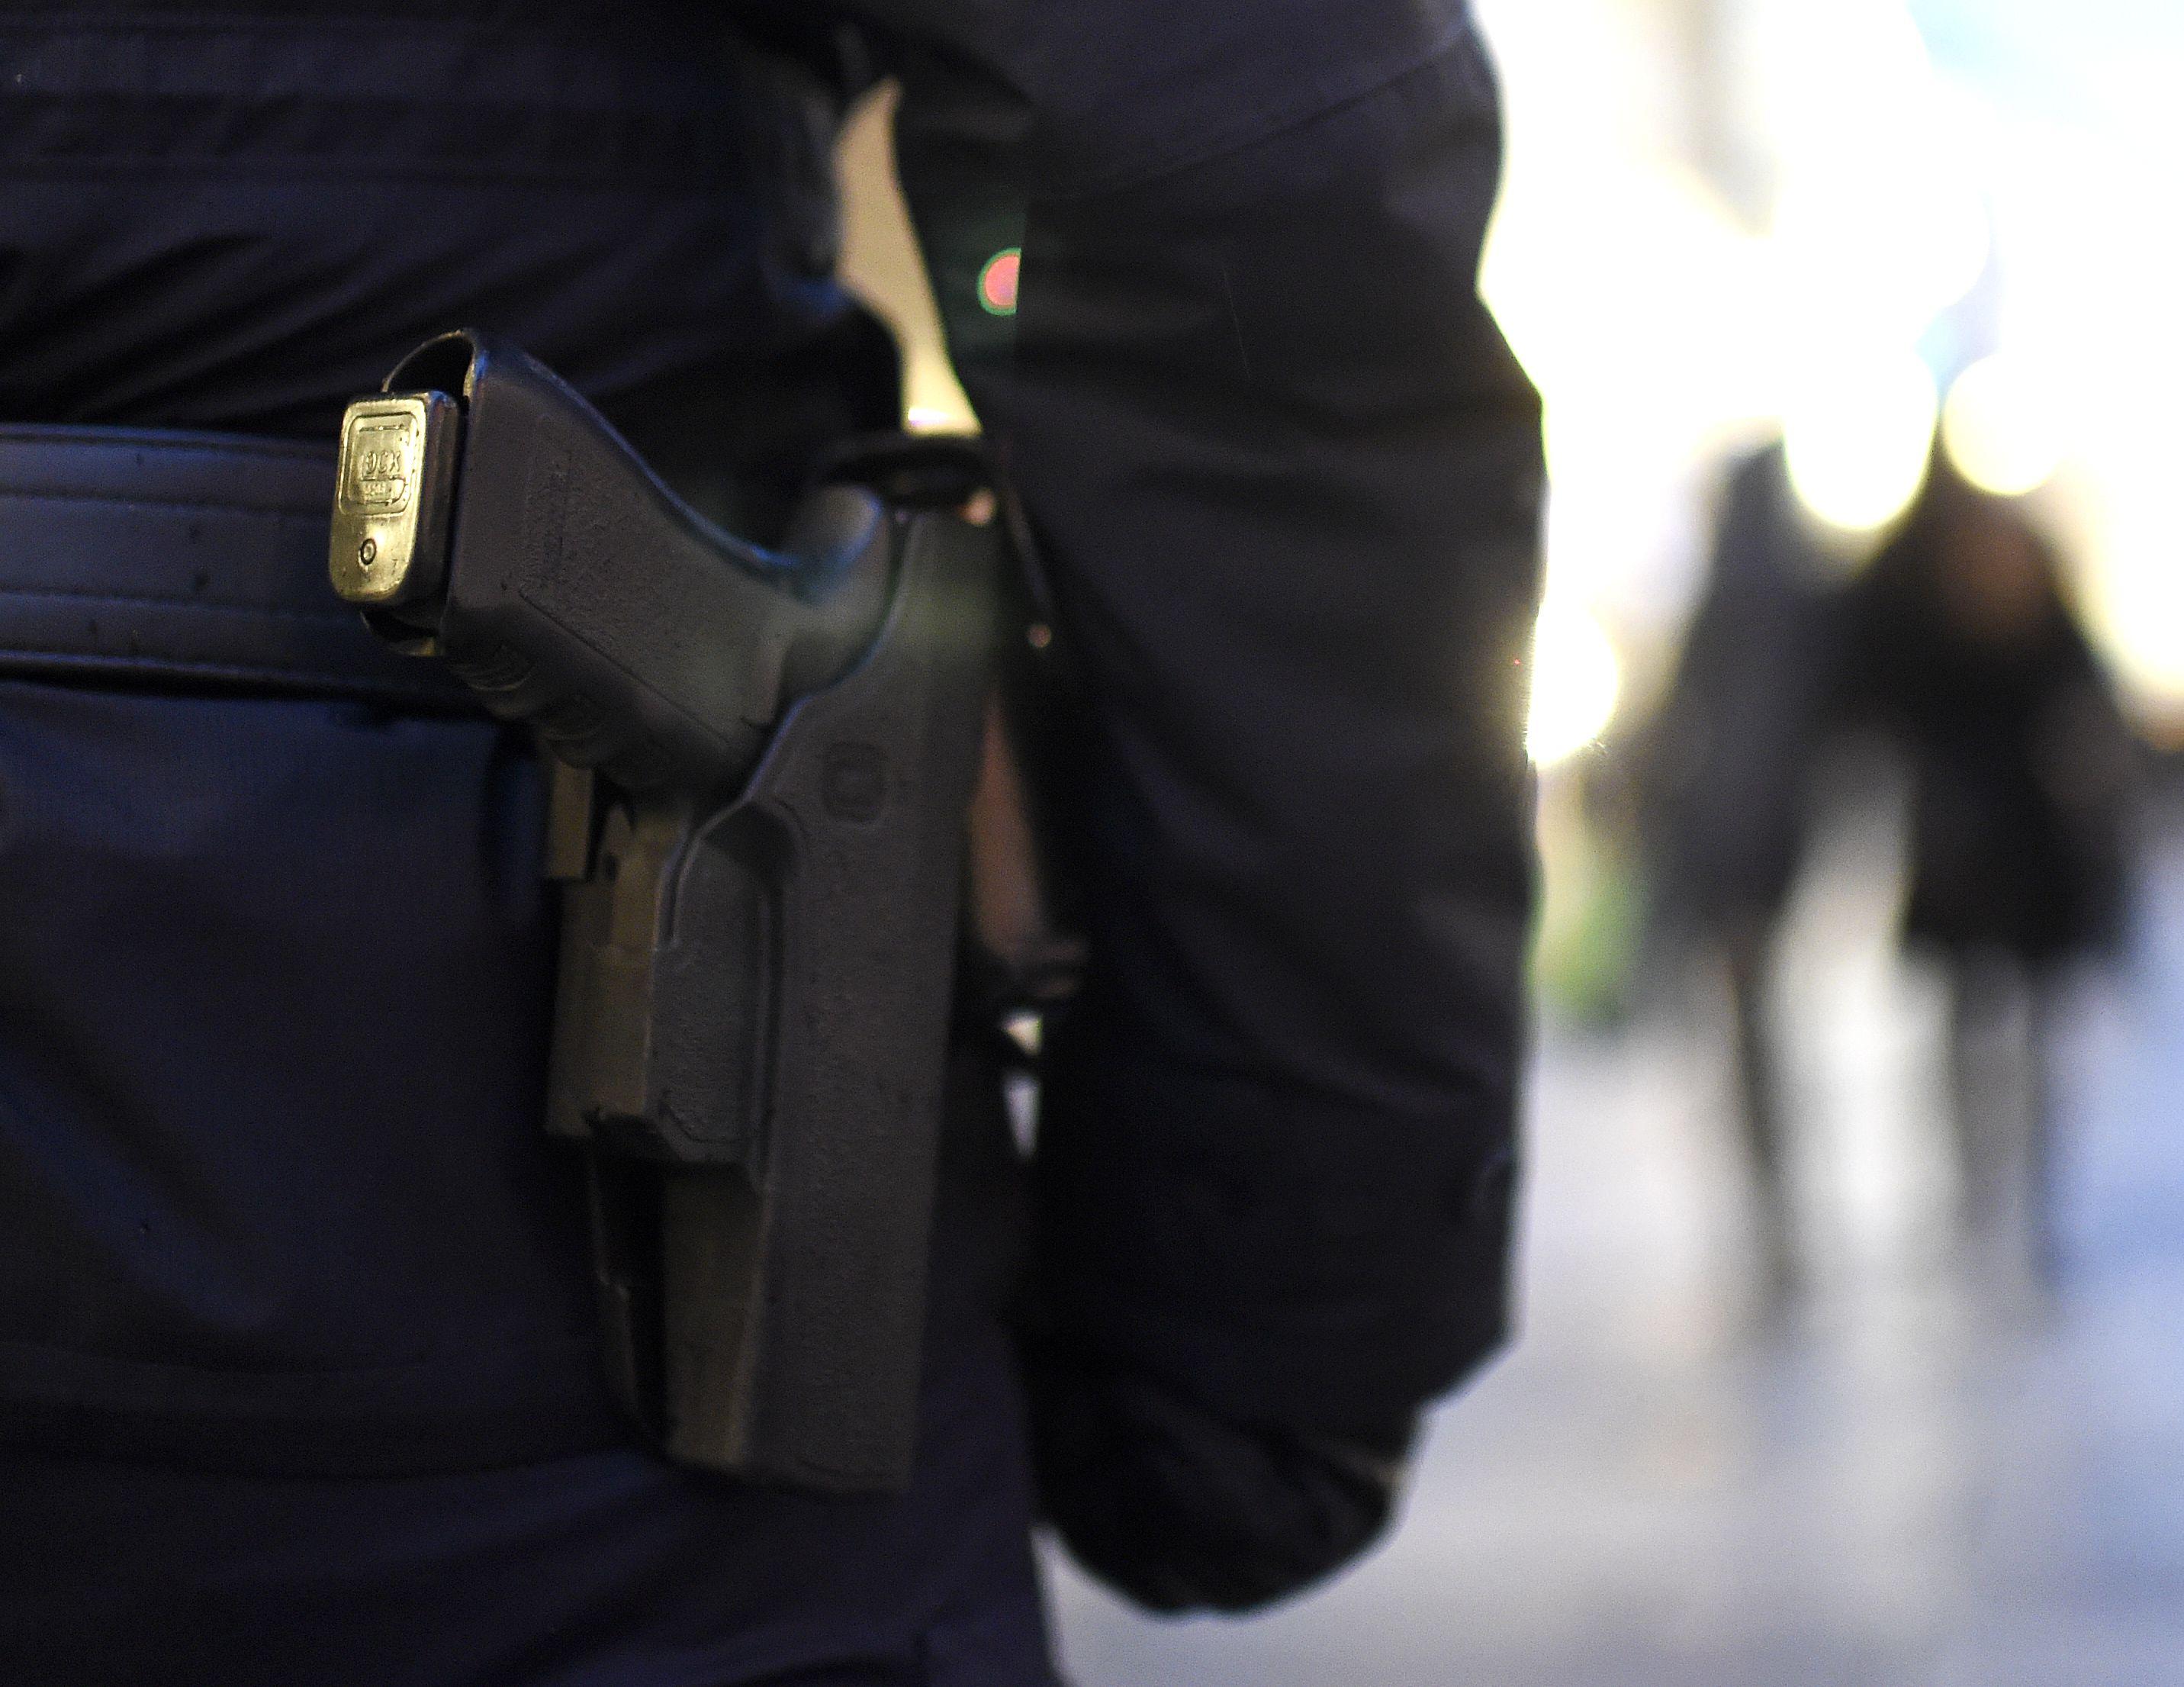 Mann forderte in Wien-Favoriten mit Pistole Bargeld: Verdächtiger gesucht